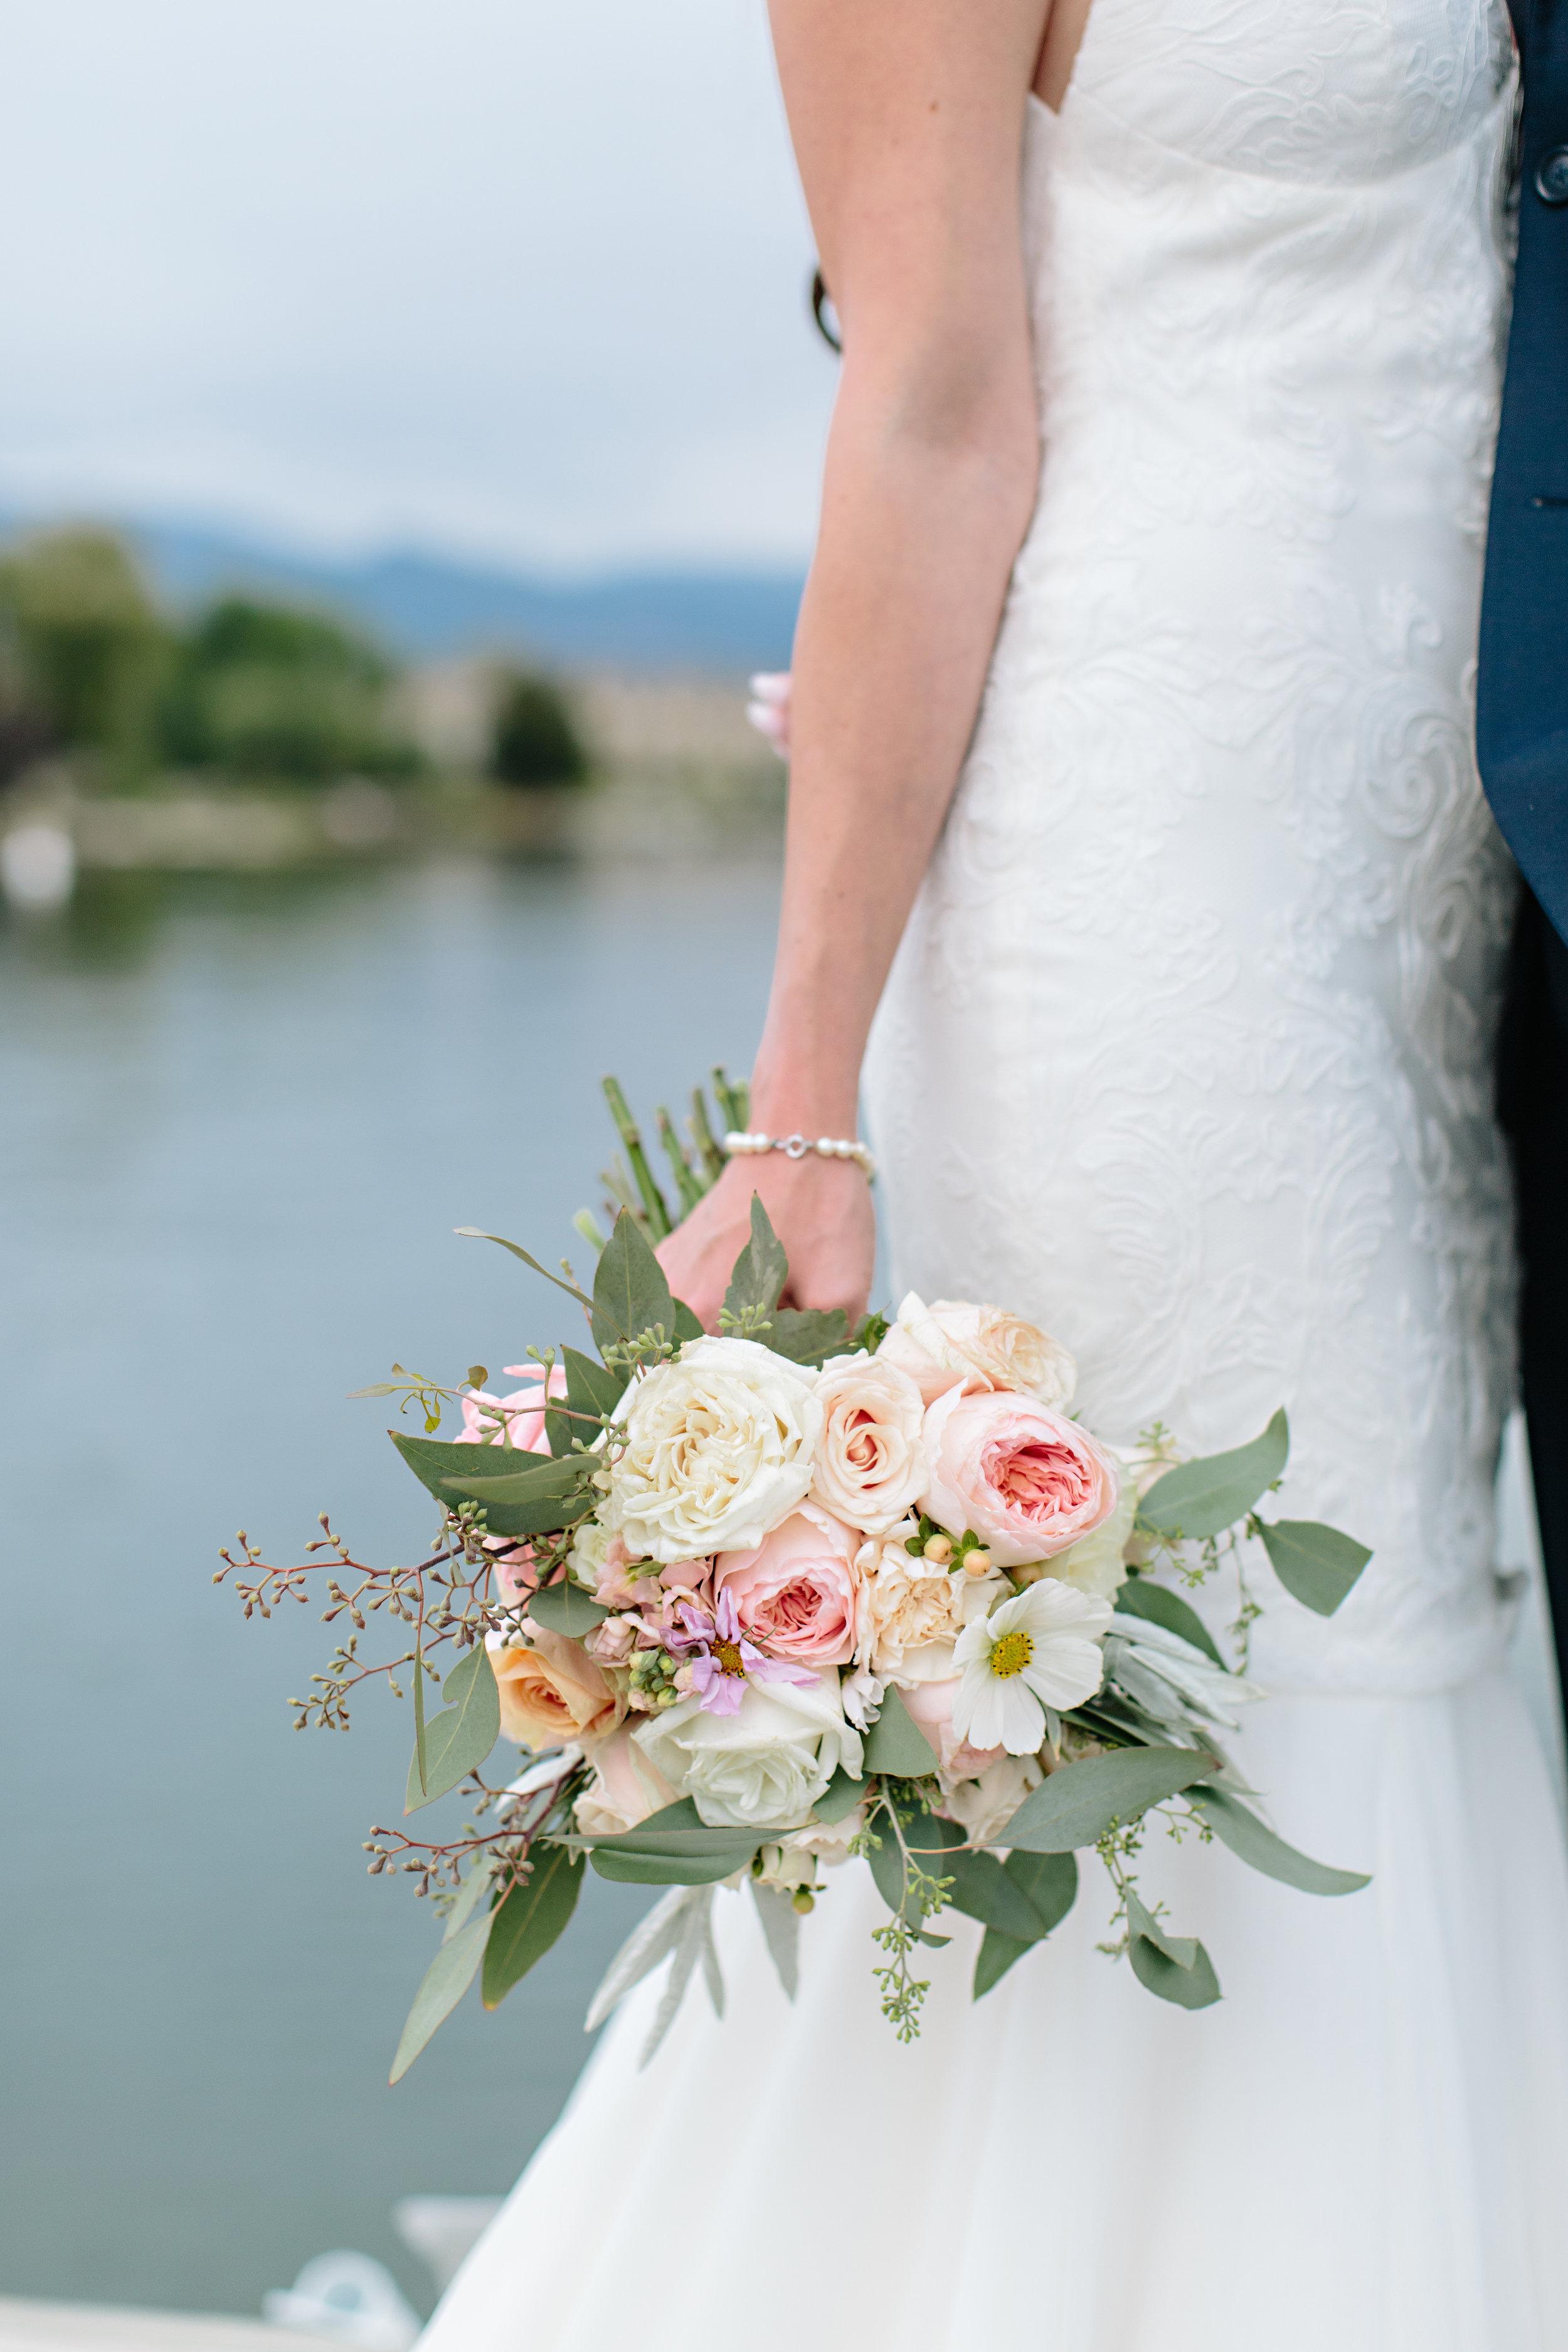 MS-bride&groom-WED-2016-Adrian-069.jpg